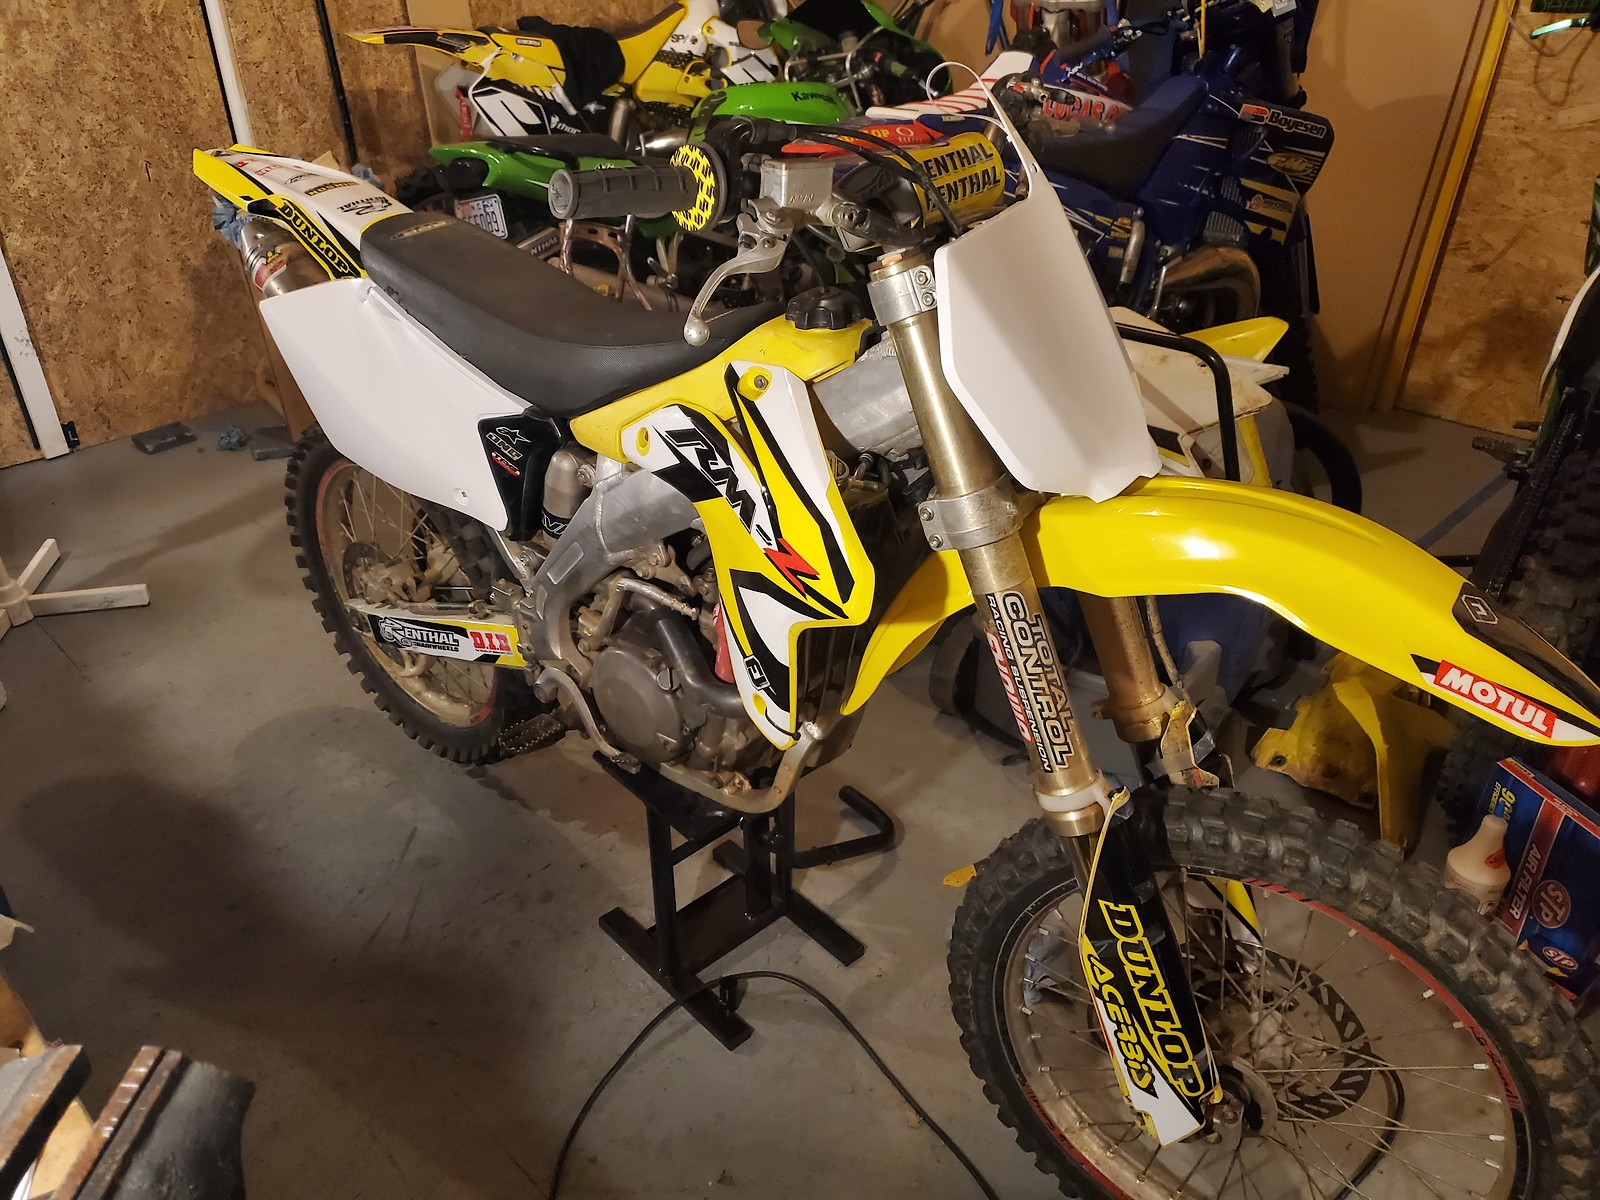 2005 rmz450